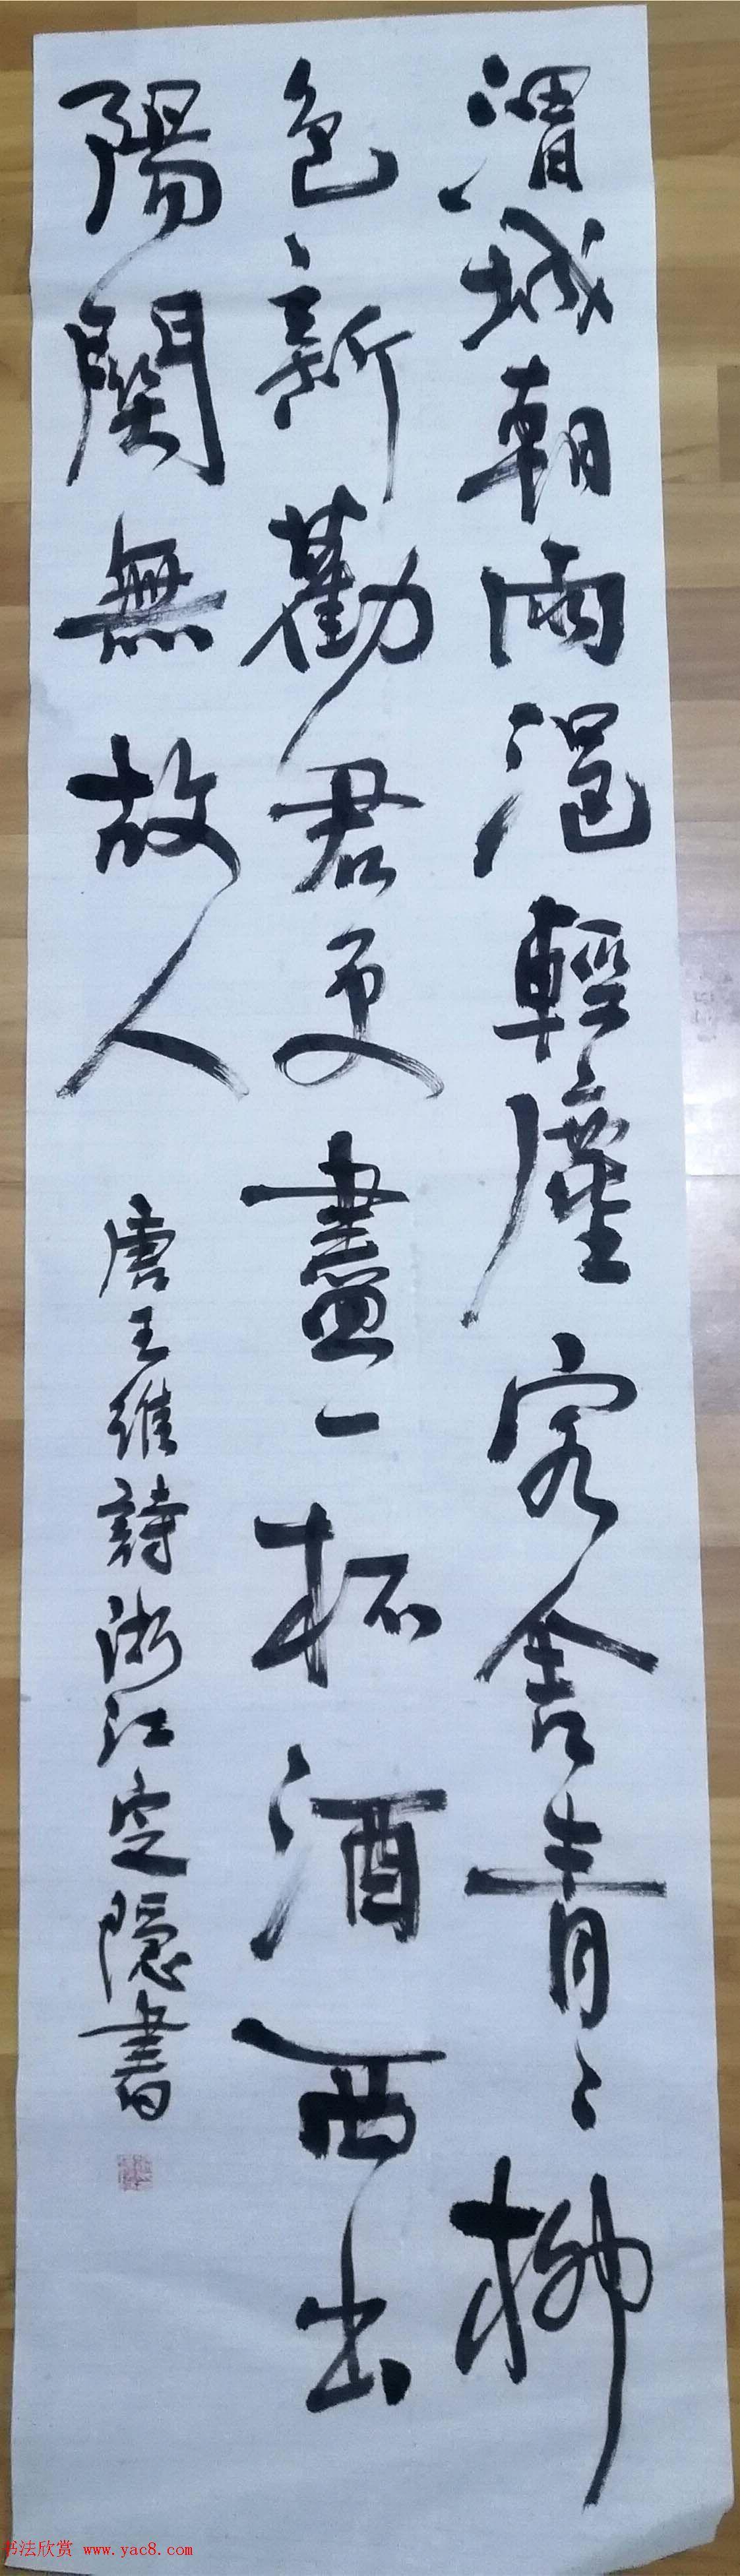 周文胜/谢巍琦书法作品选刊